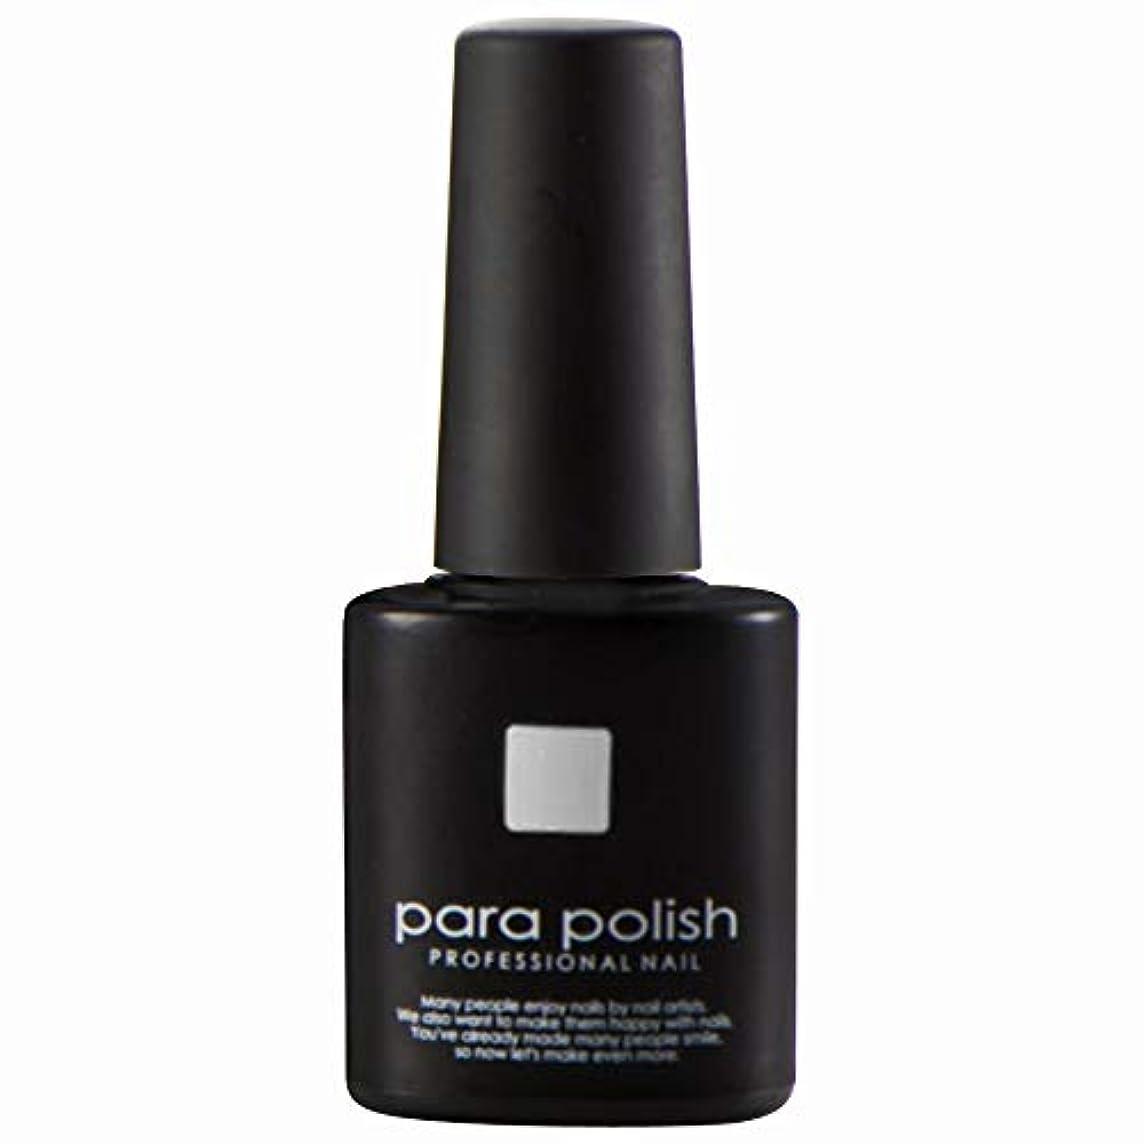 あご強化する反乱パラジェル para polish(パラポリッシュ) カラージェル V2 レッド 7g